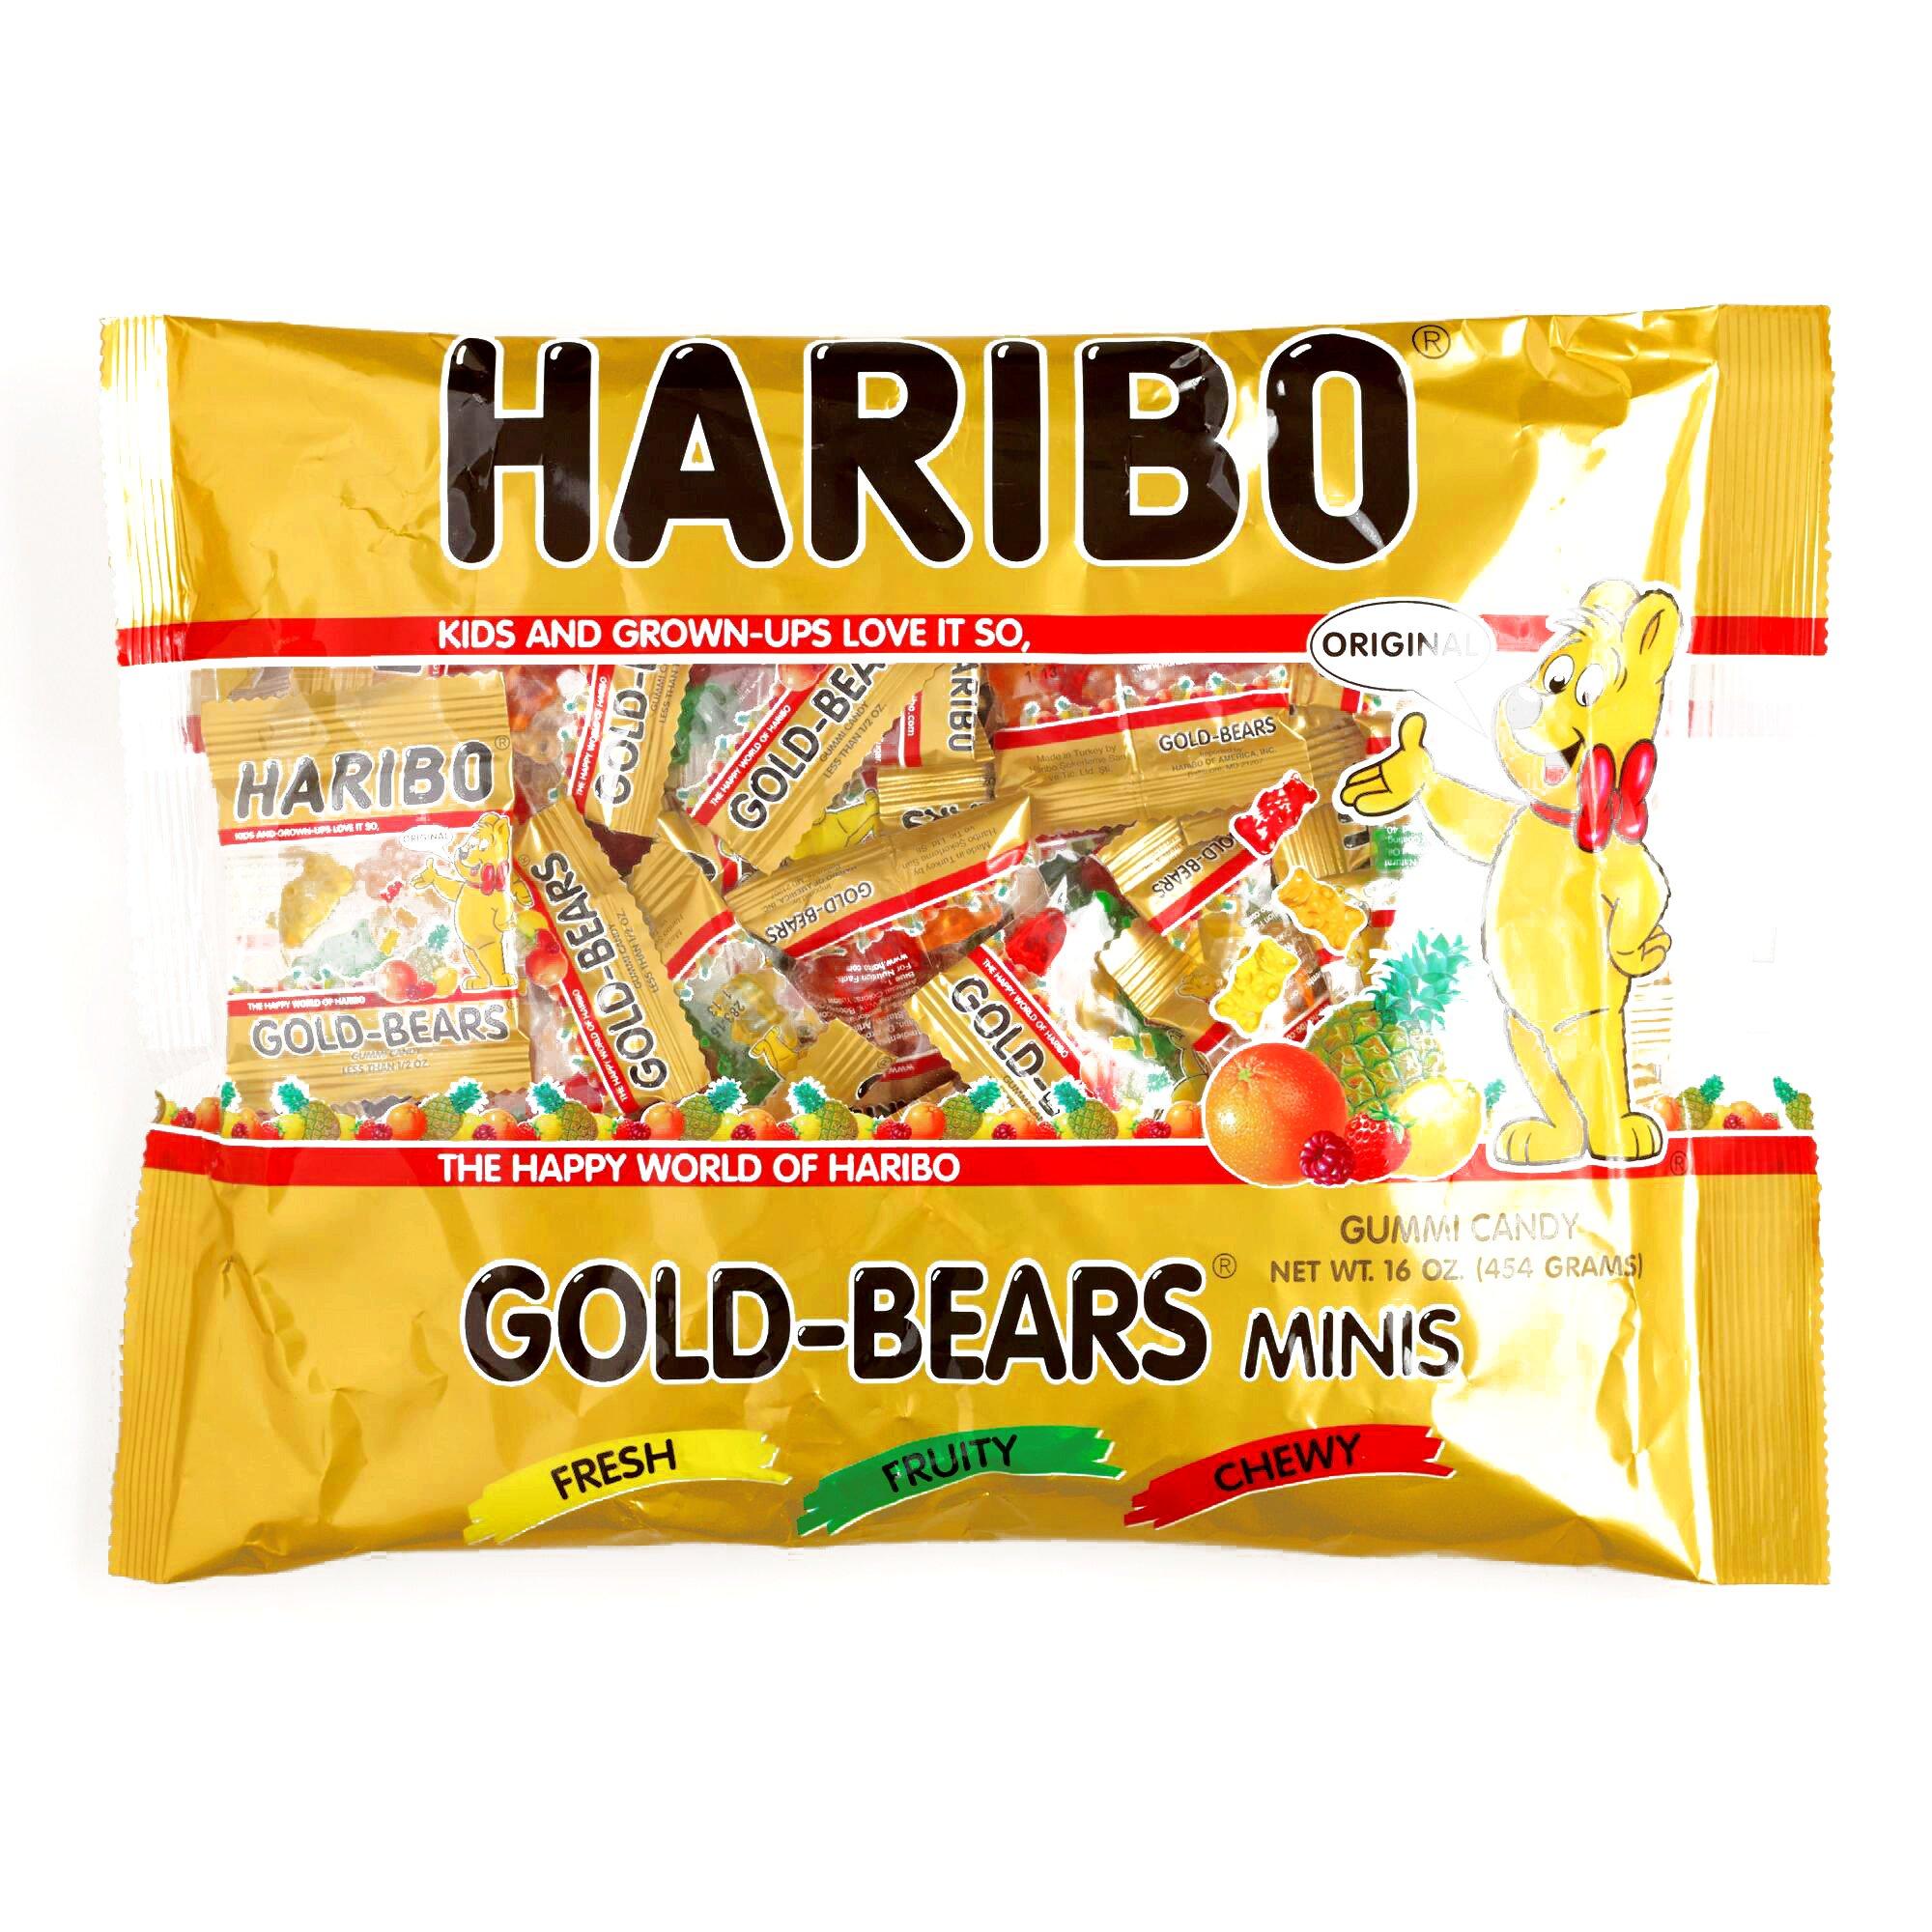 Haribo Mini Gold Bears 1 lb. Bag (1 Item Per Order)